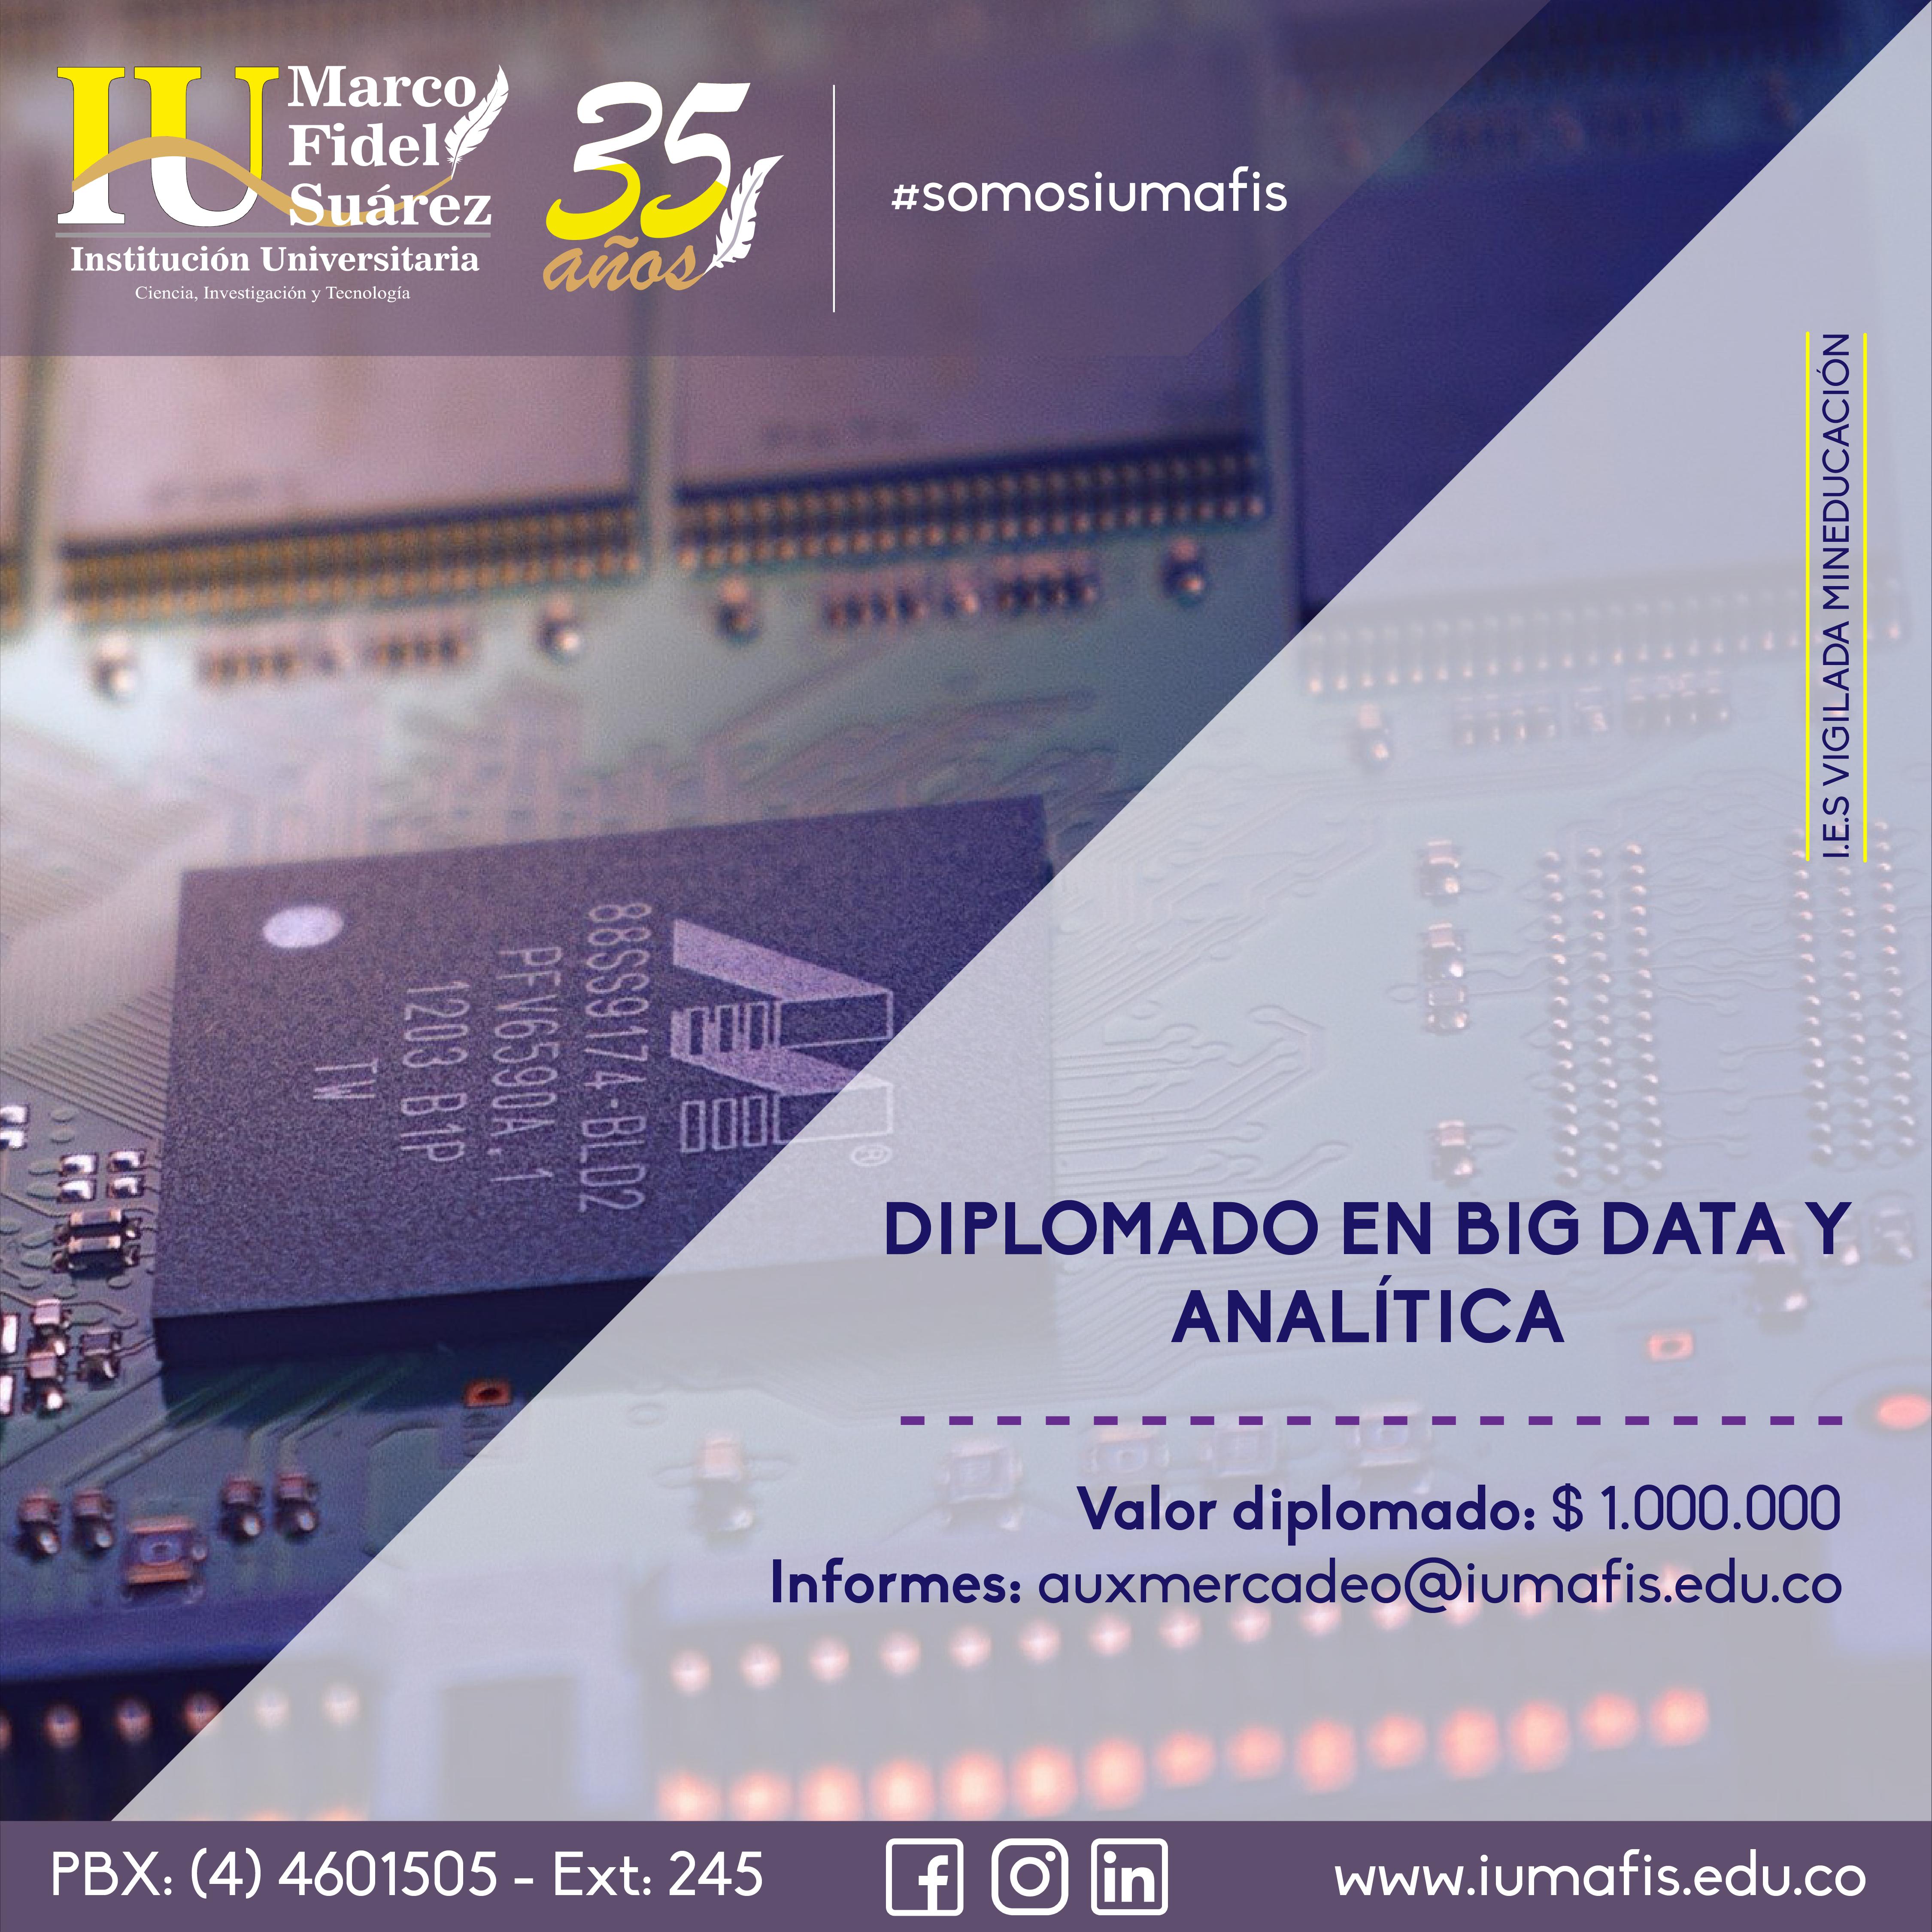 Diplomado en Big Data y Analítica